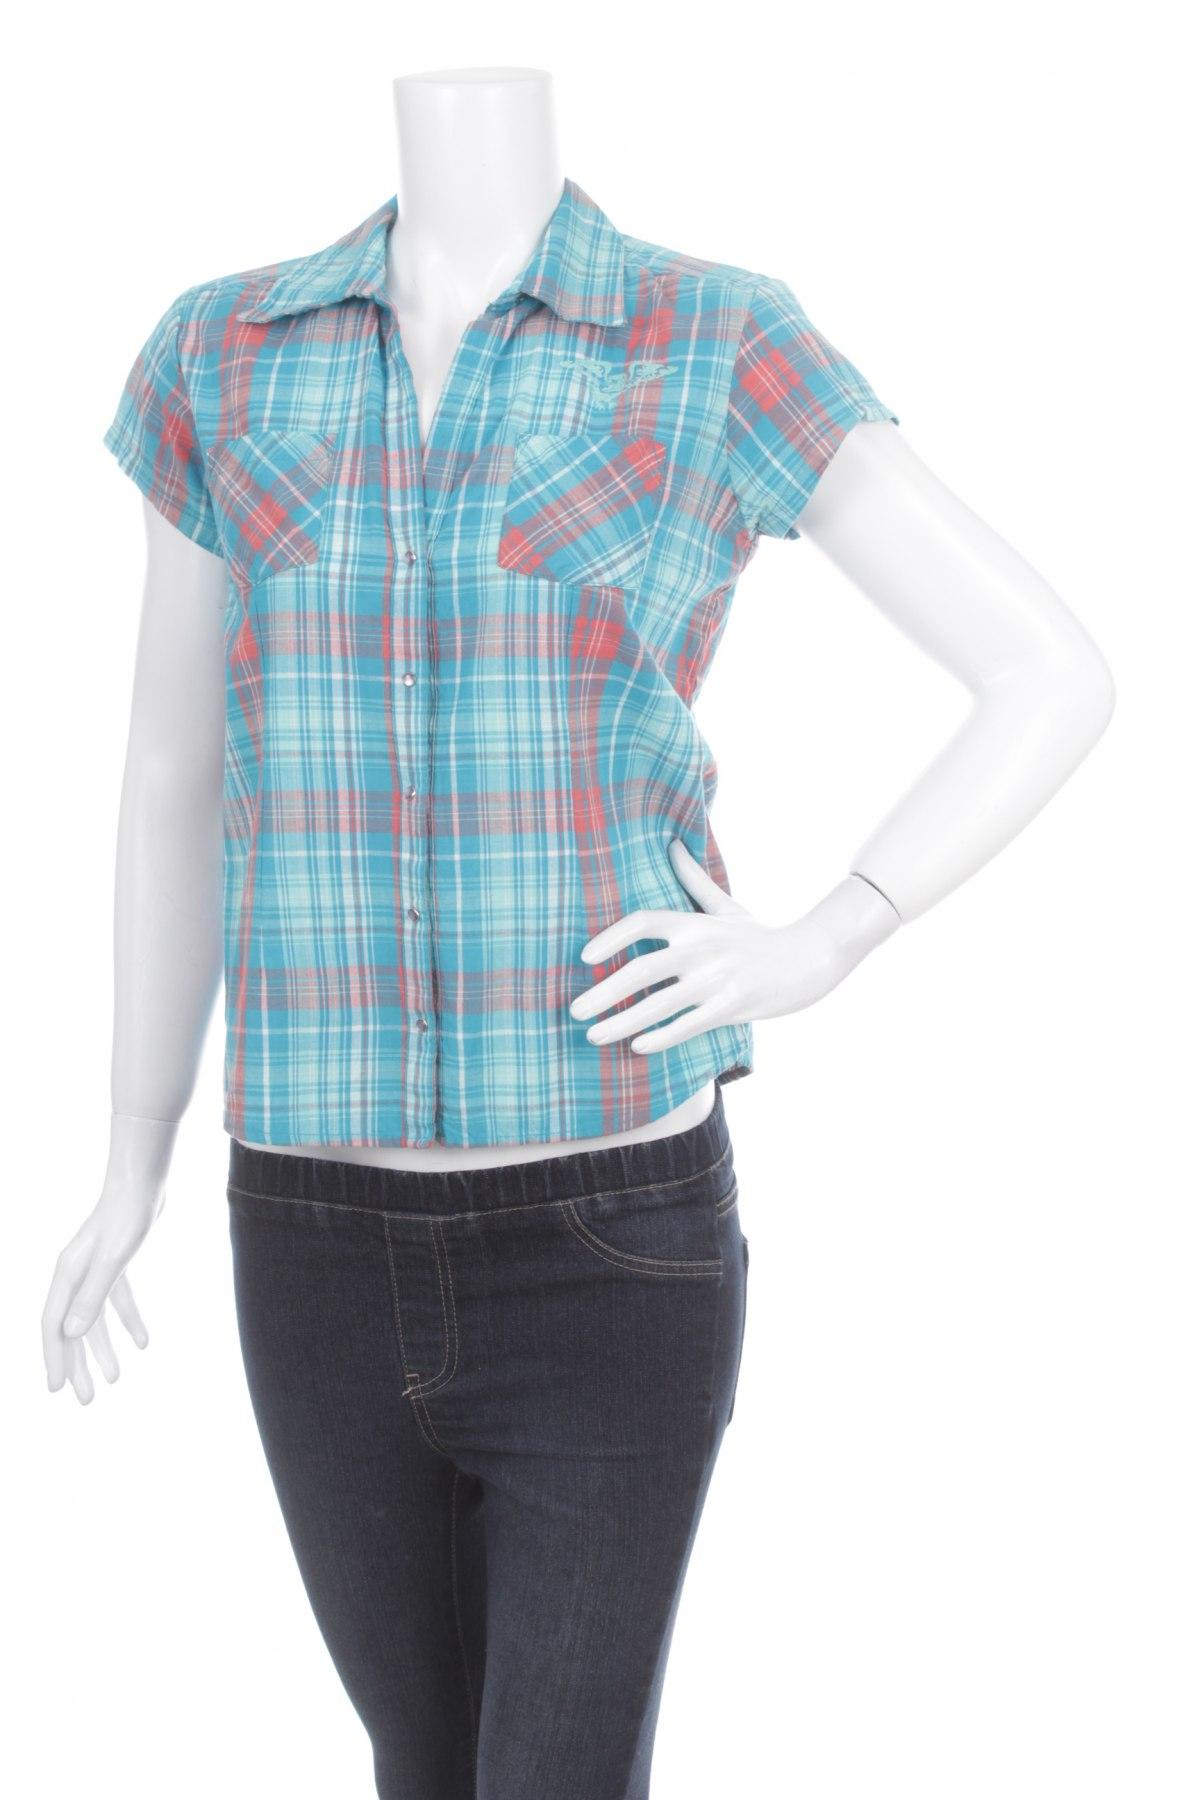 Damska koszula specchio woman 3025792 remix for Specchio woman abbigliamento